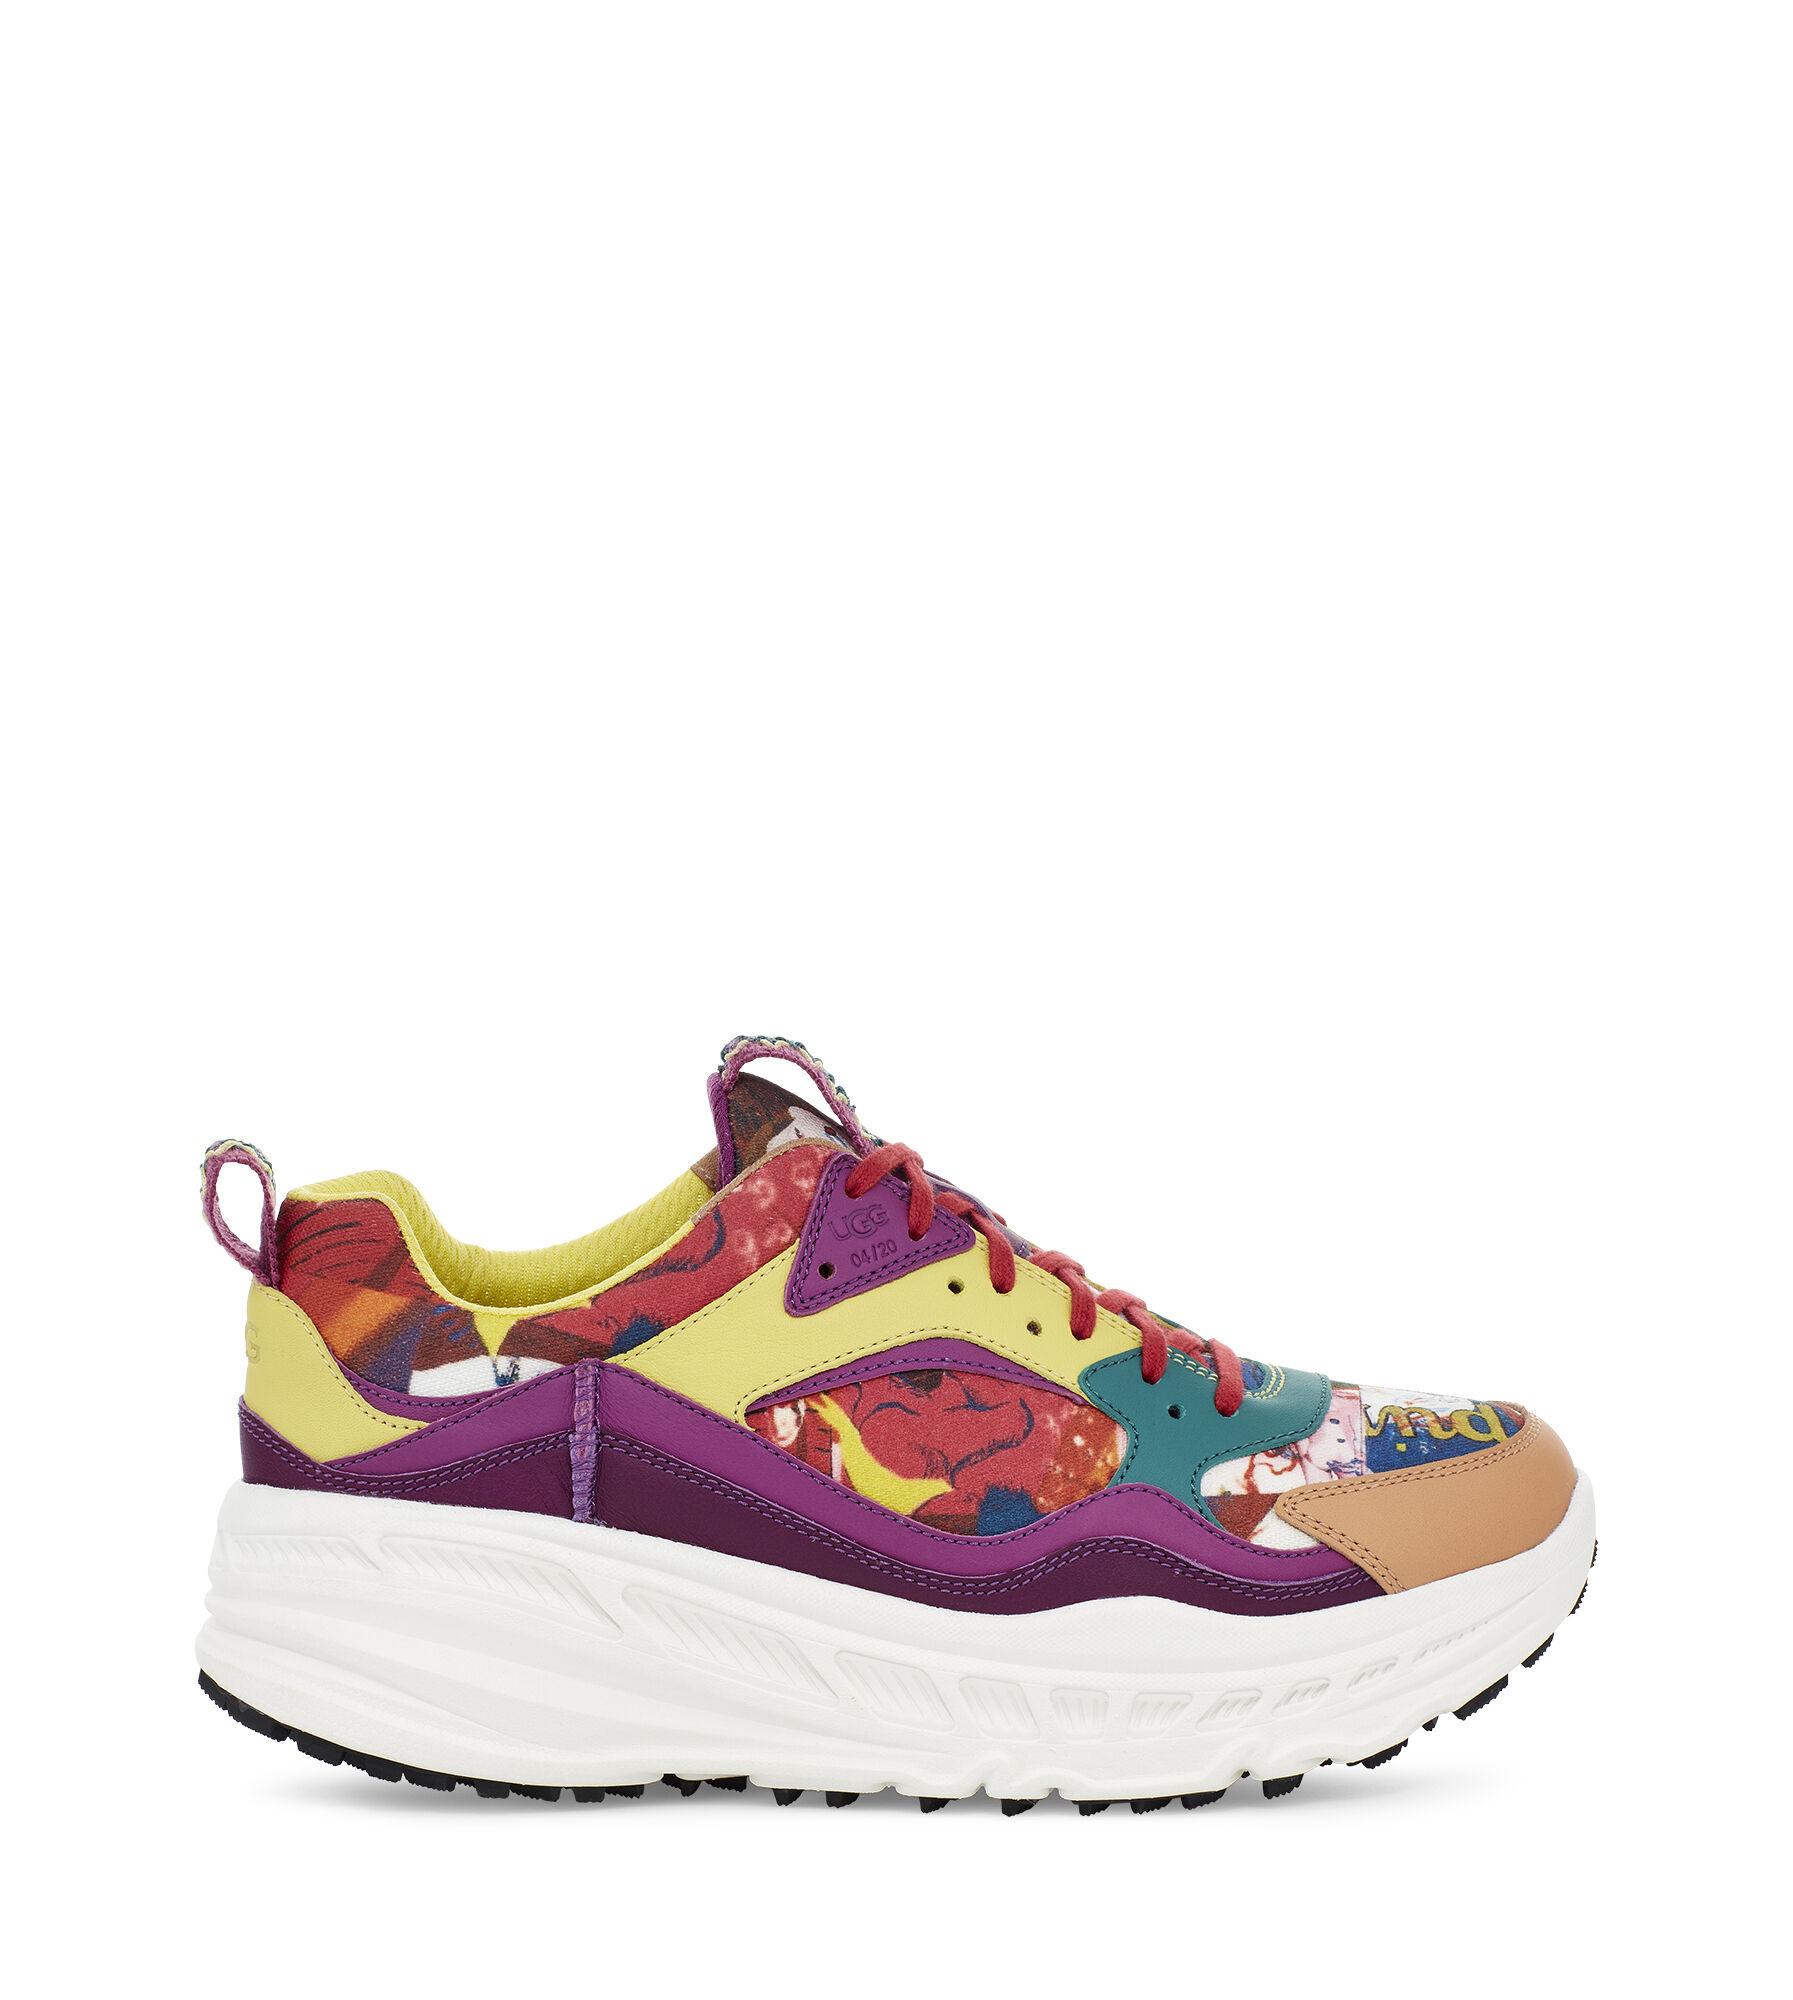 Sneakers \u0026 Casual Slip-Ons